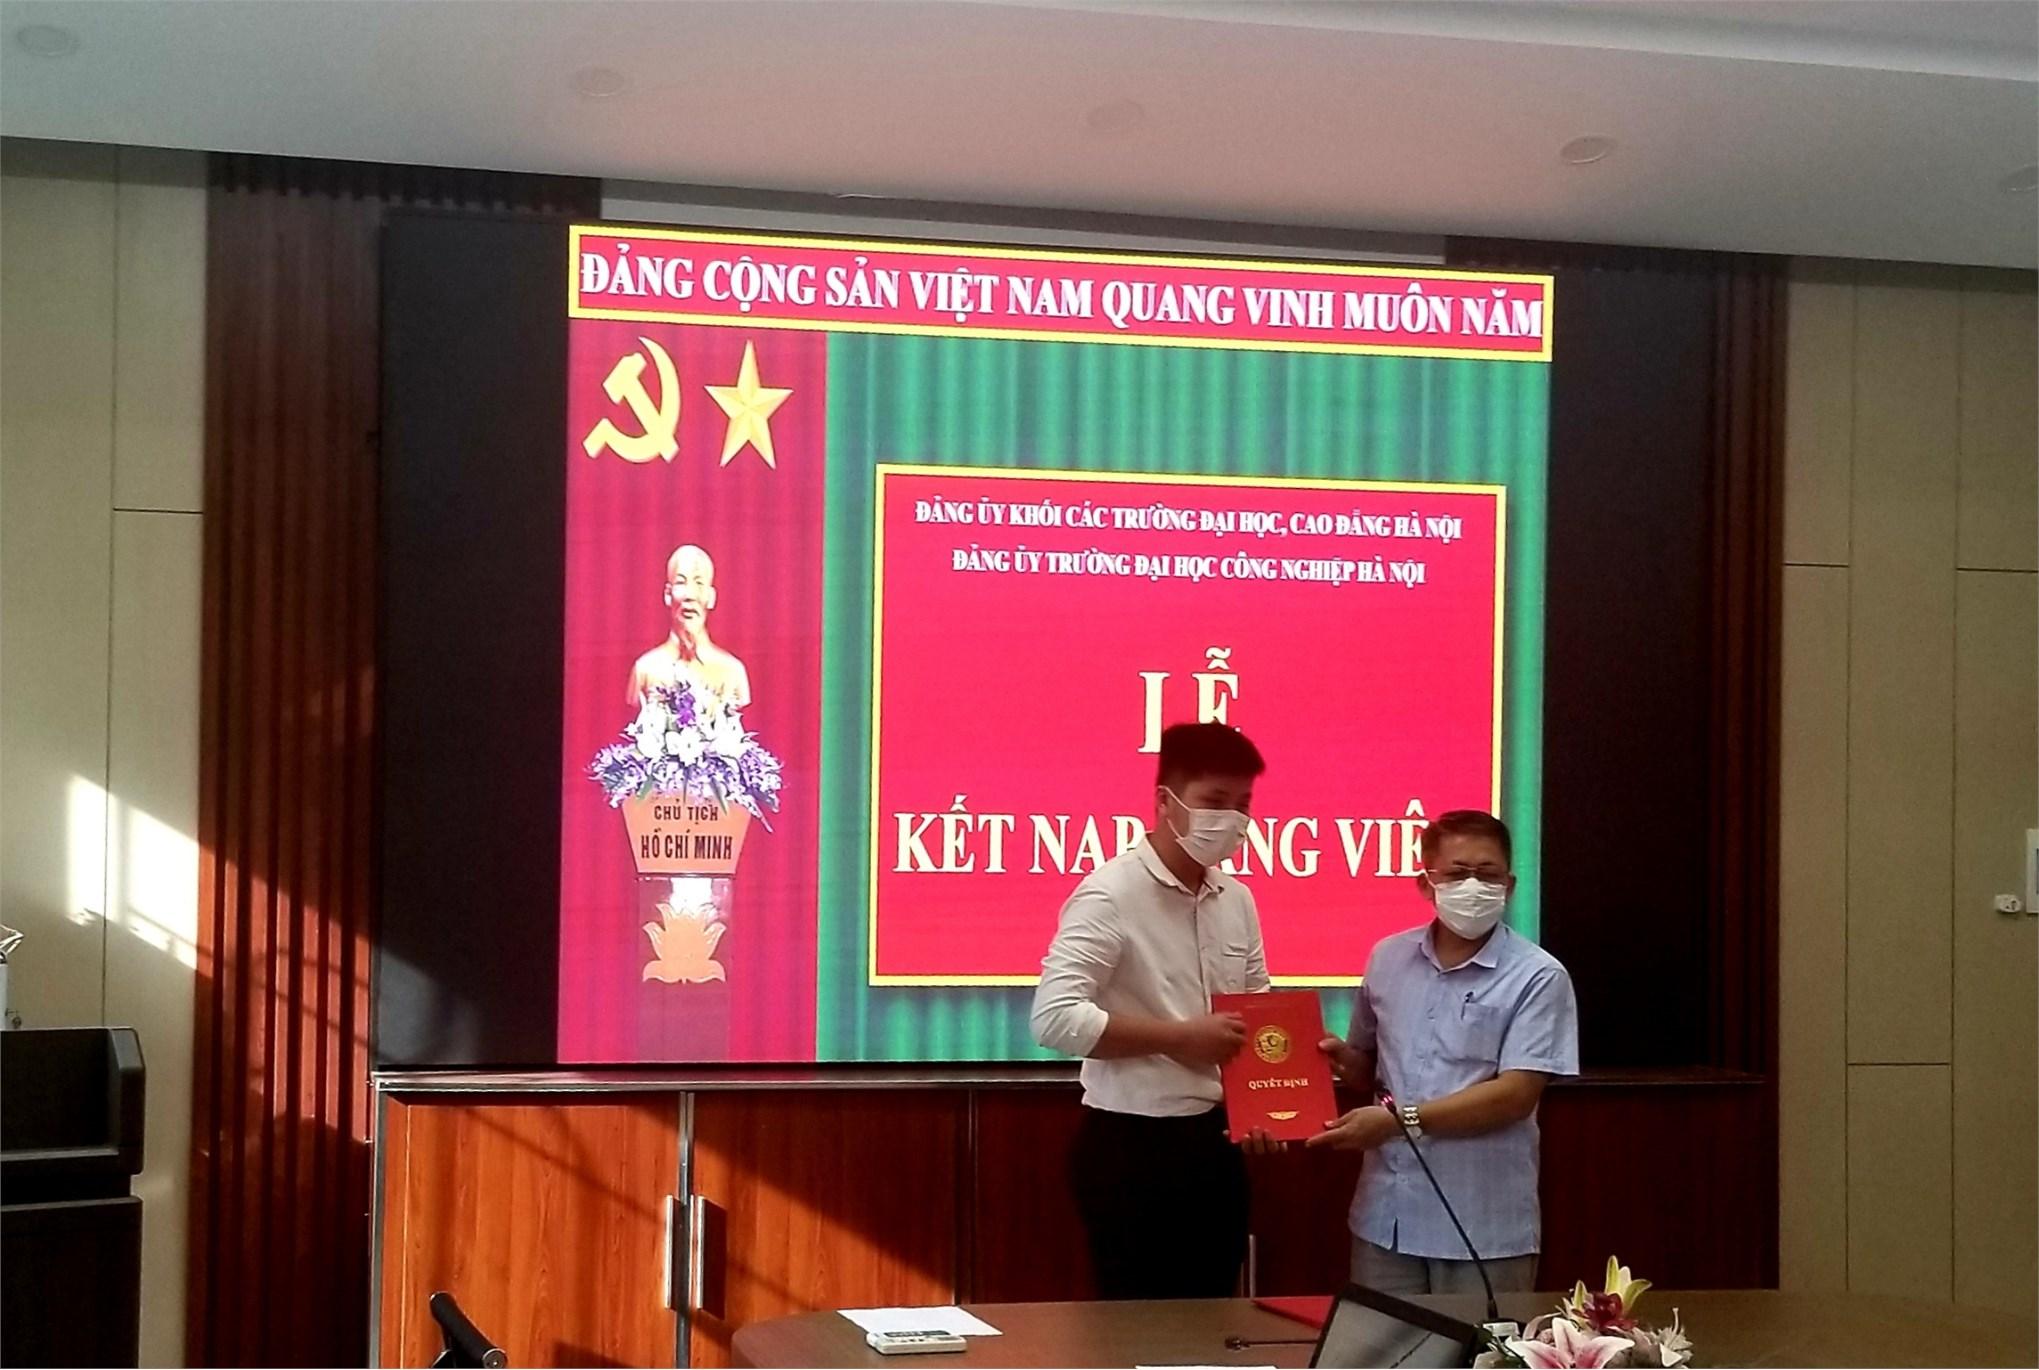 Chi bộ khoa Điện tổ chức lễ kết nạp Đảng viên mới